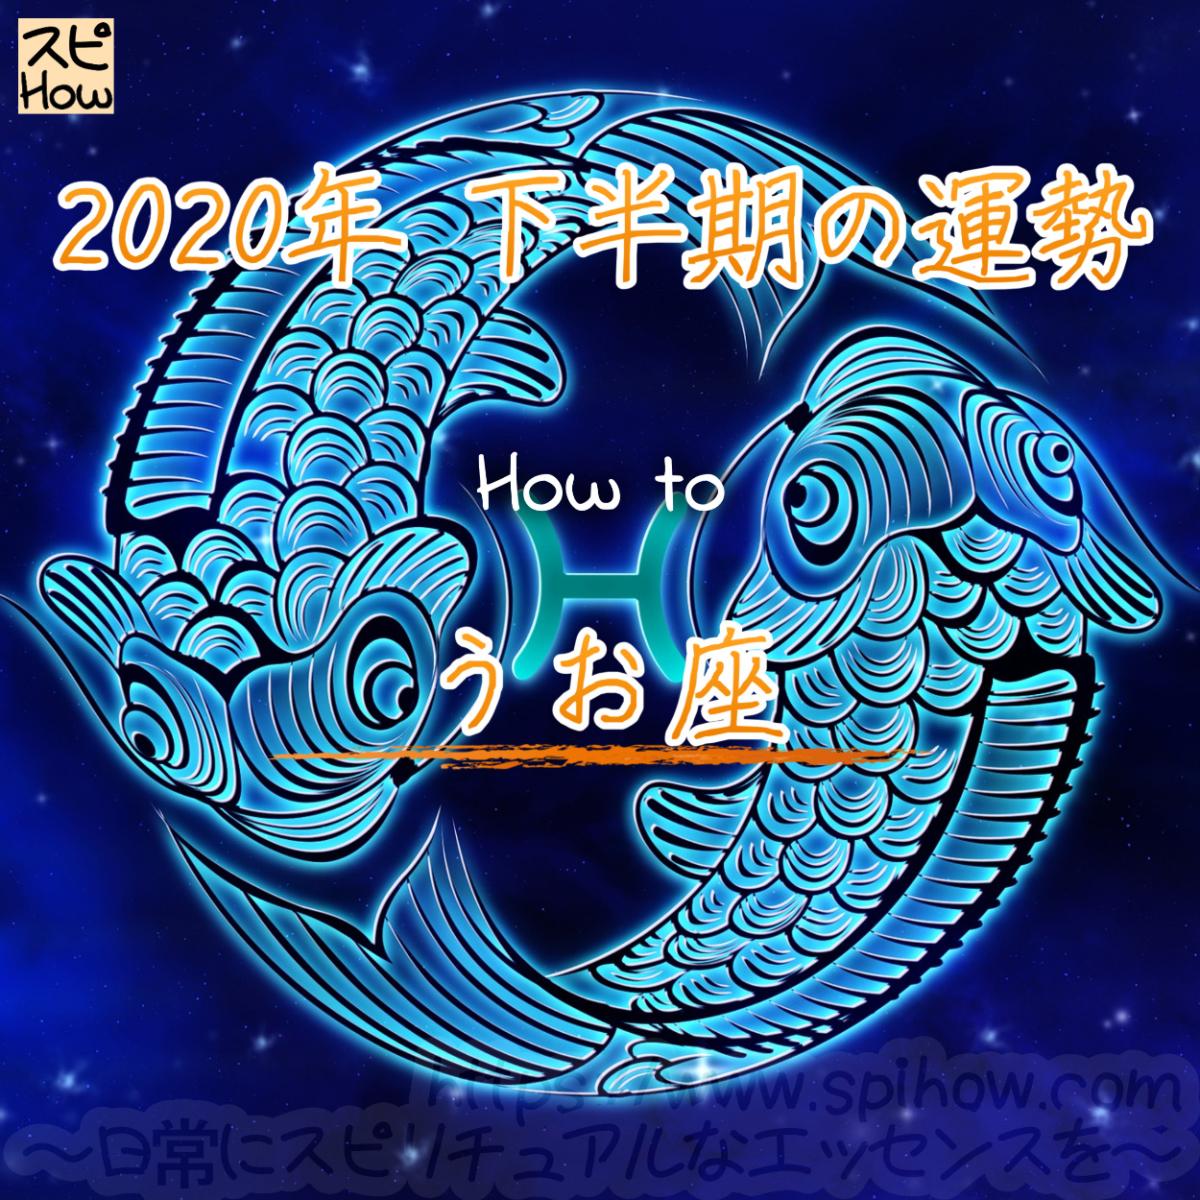 【魚座の2020年下半期の運勢】未来志向で過去を乗り越える。思い出を踏み台にして飛躍のアイキャッチ画像